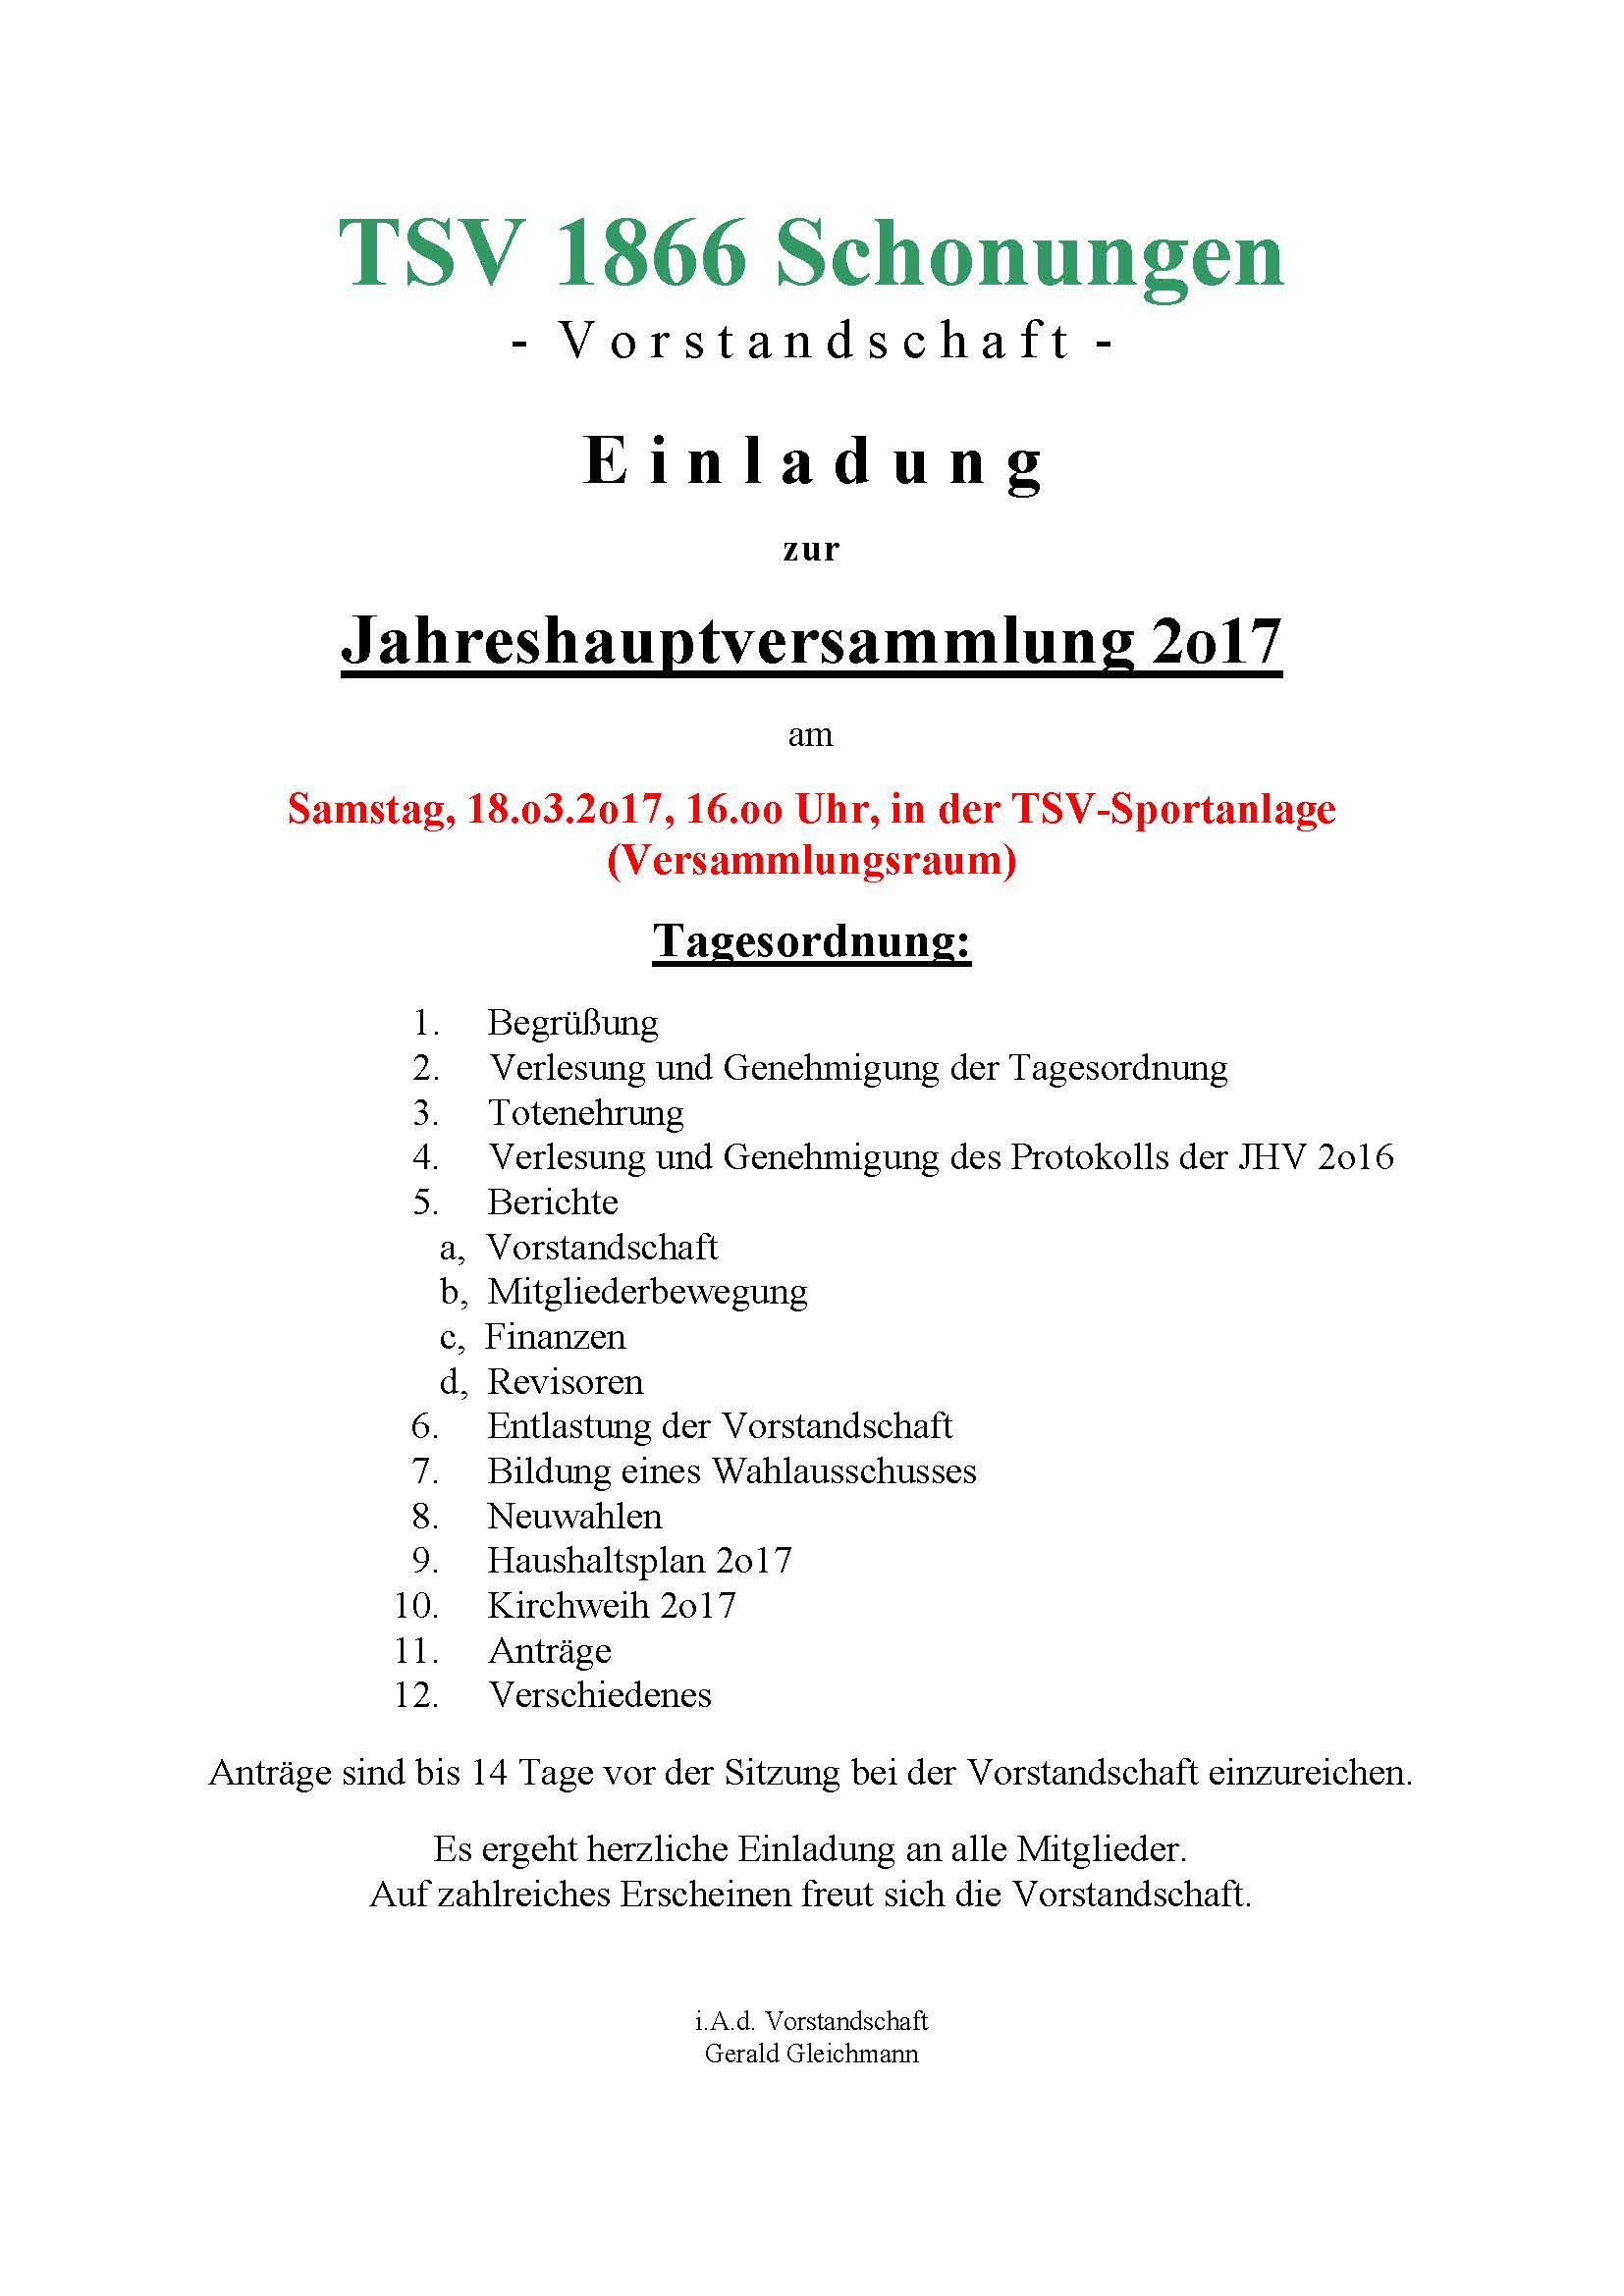 TSV 1866 Schonungen - Einladung zur Jahreshauptversammlung 2017